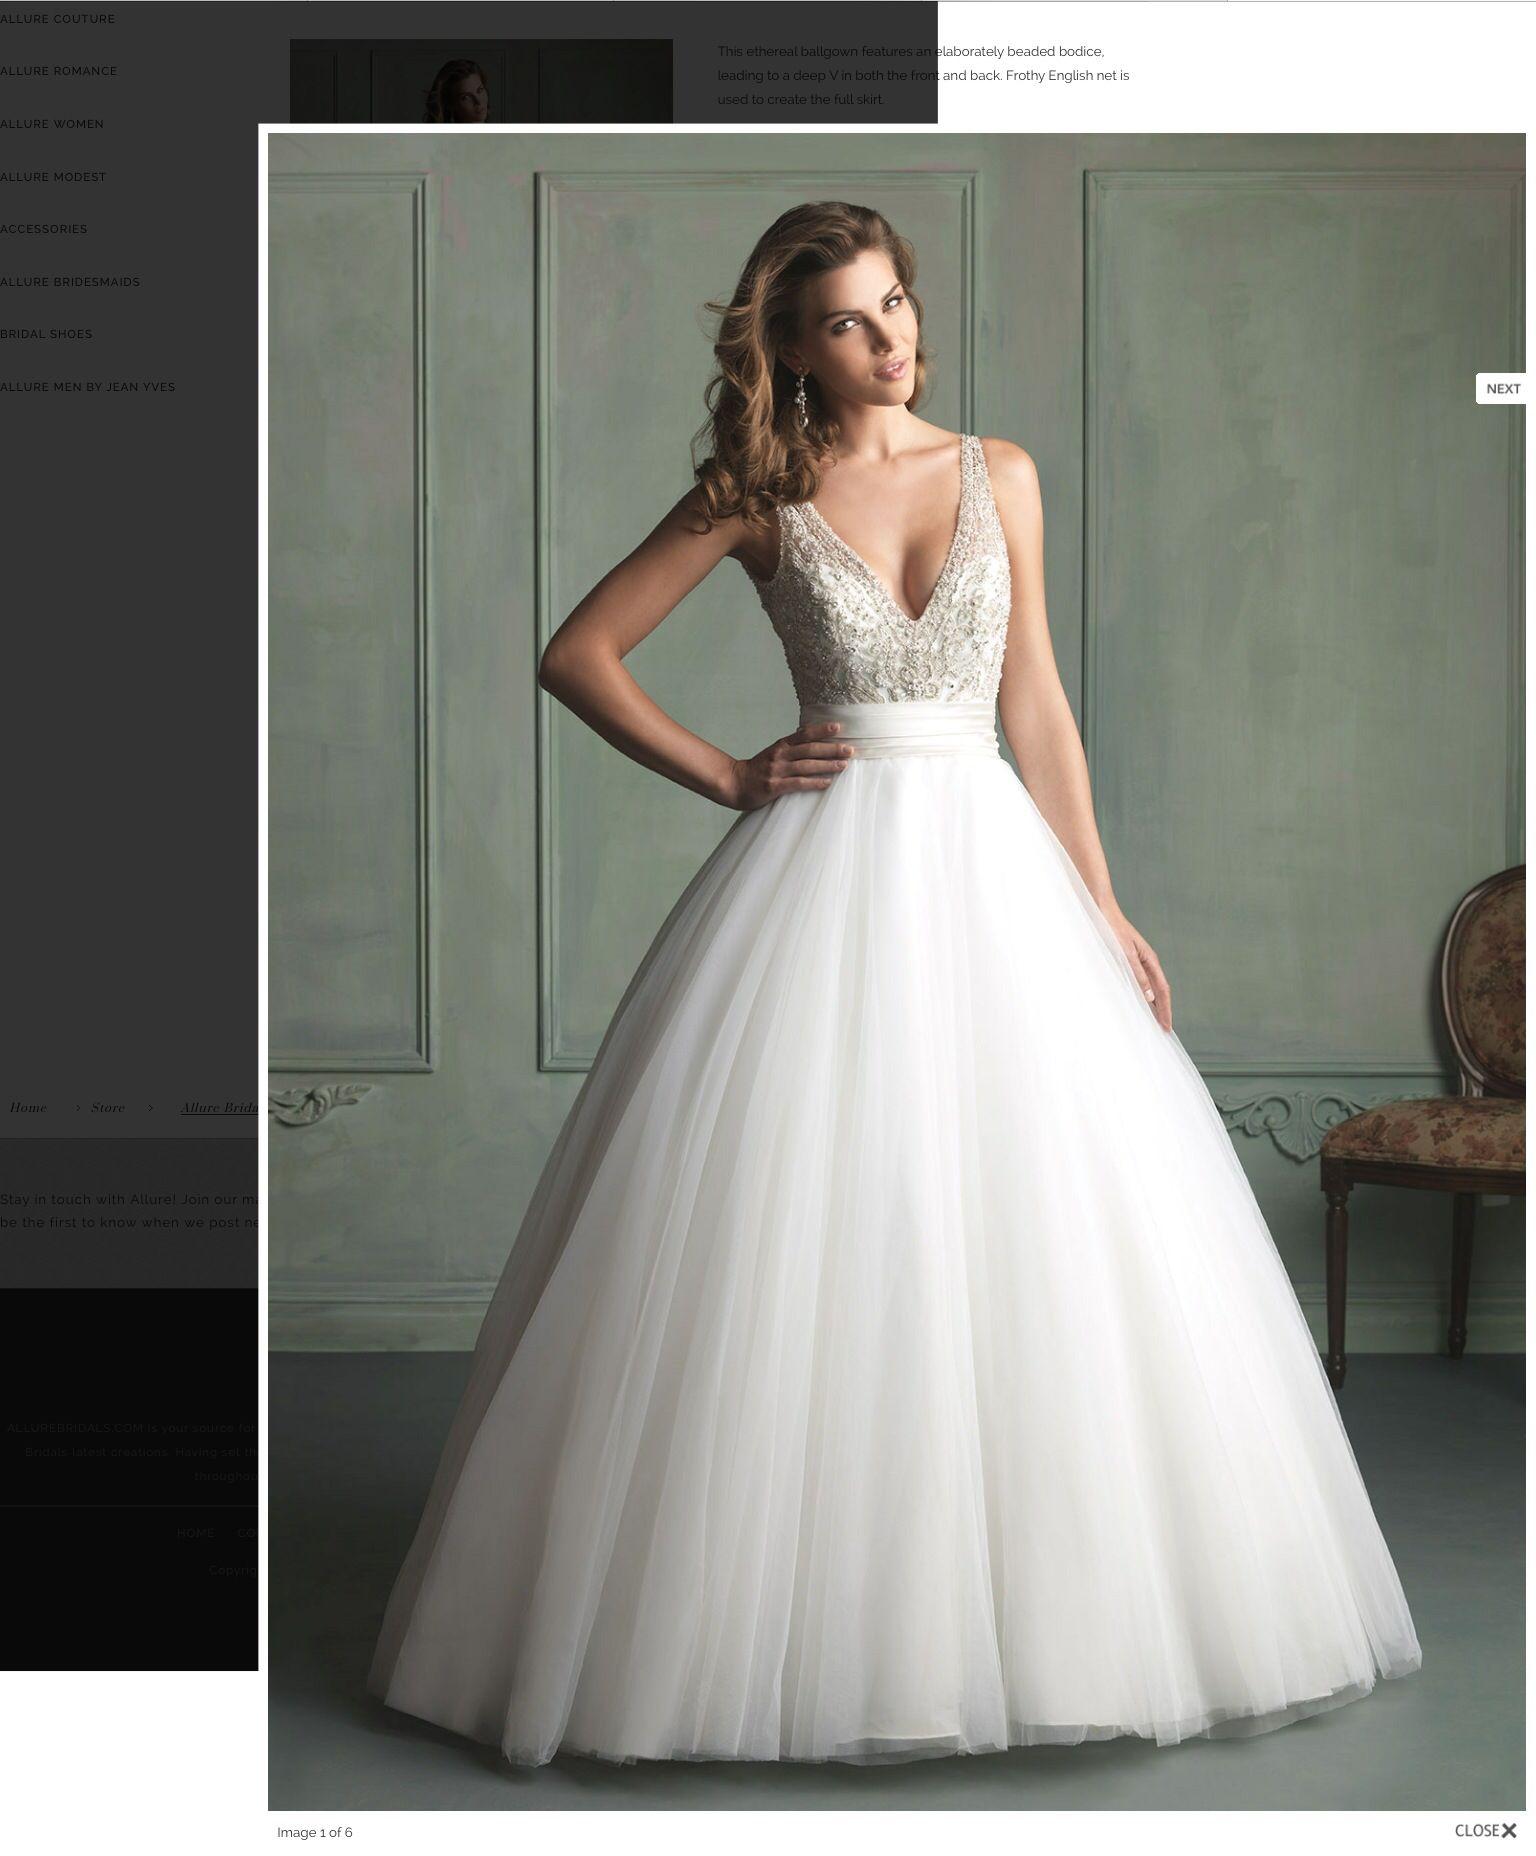 Wunderschönes material und schnitt des oberteils wedding dresses